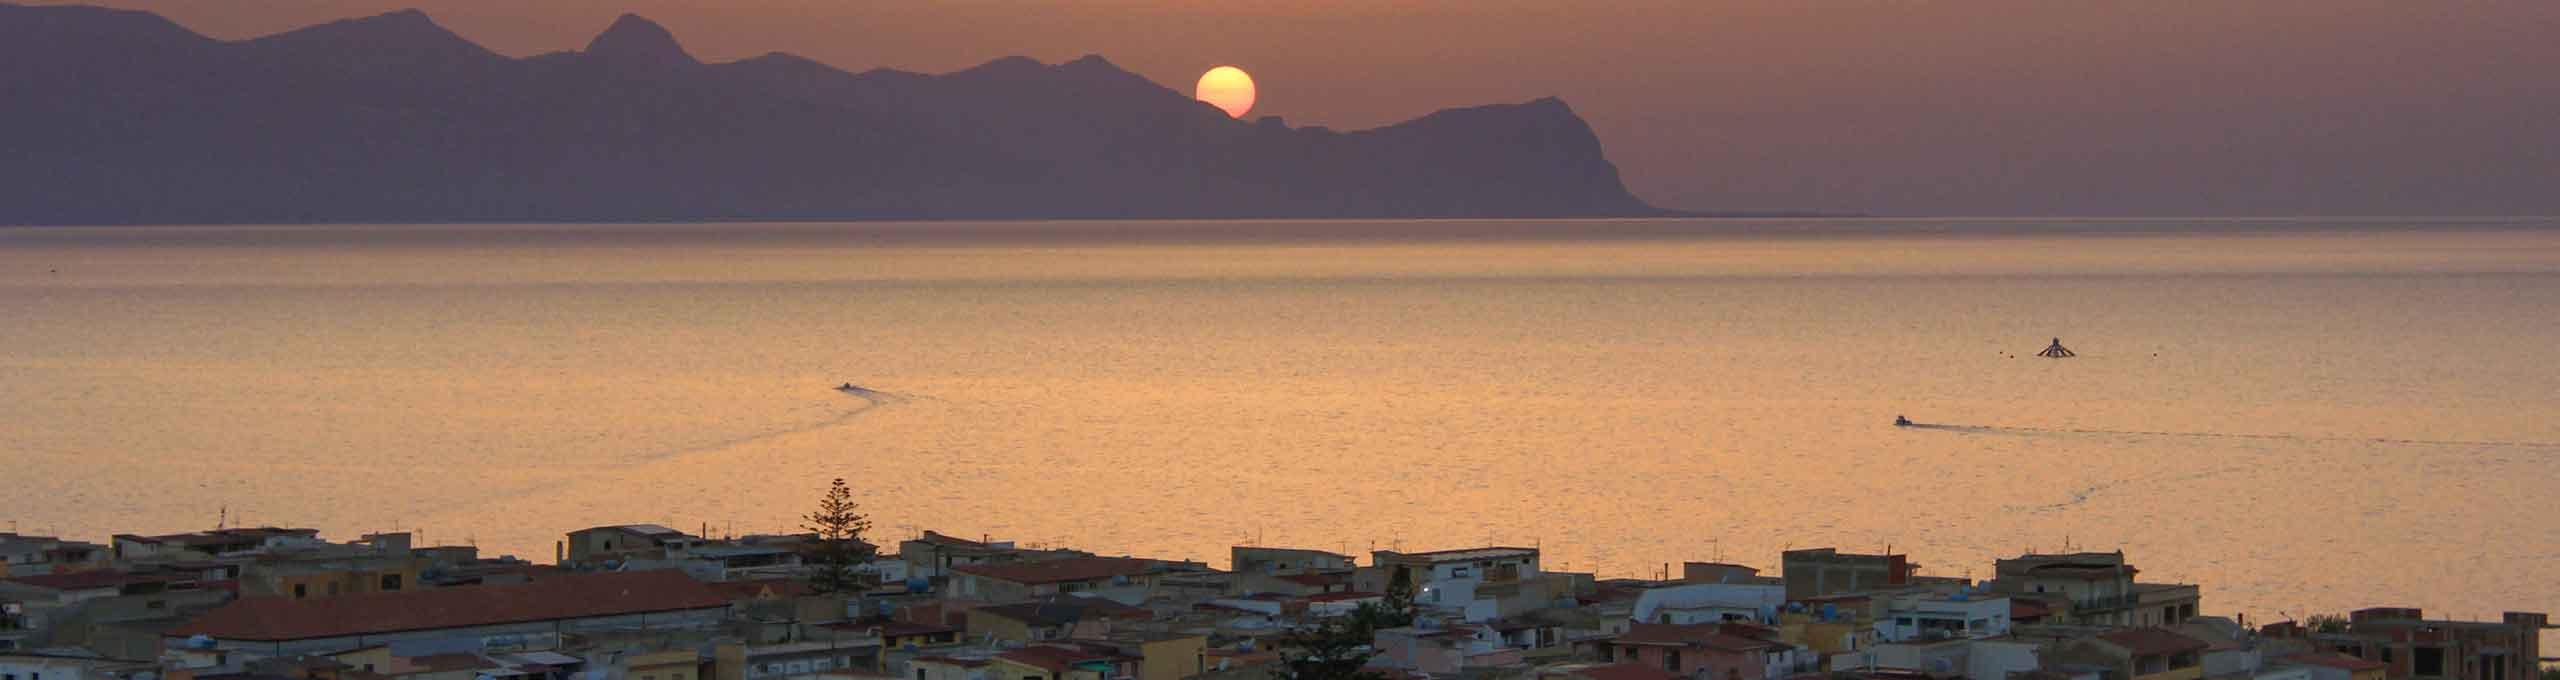 Trappeto, Golfo di Castellammare